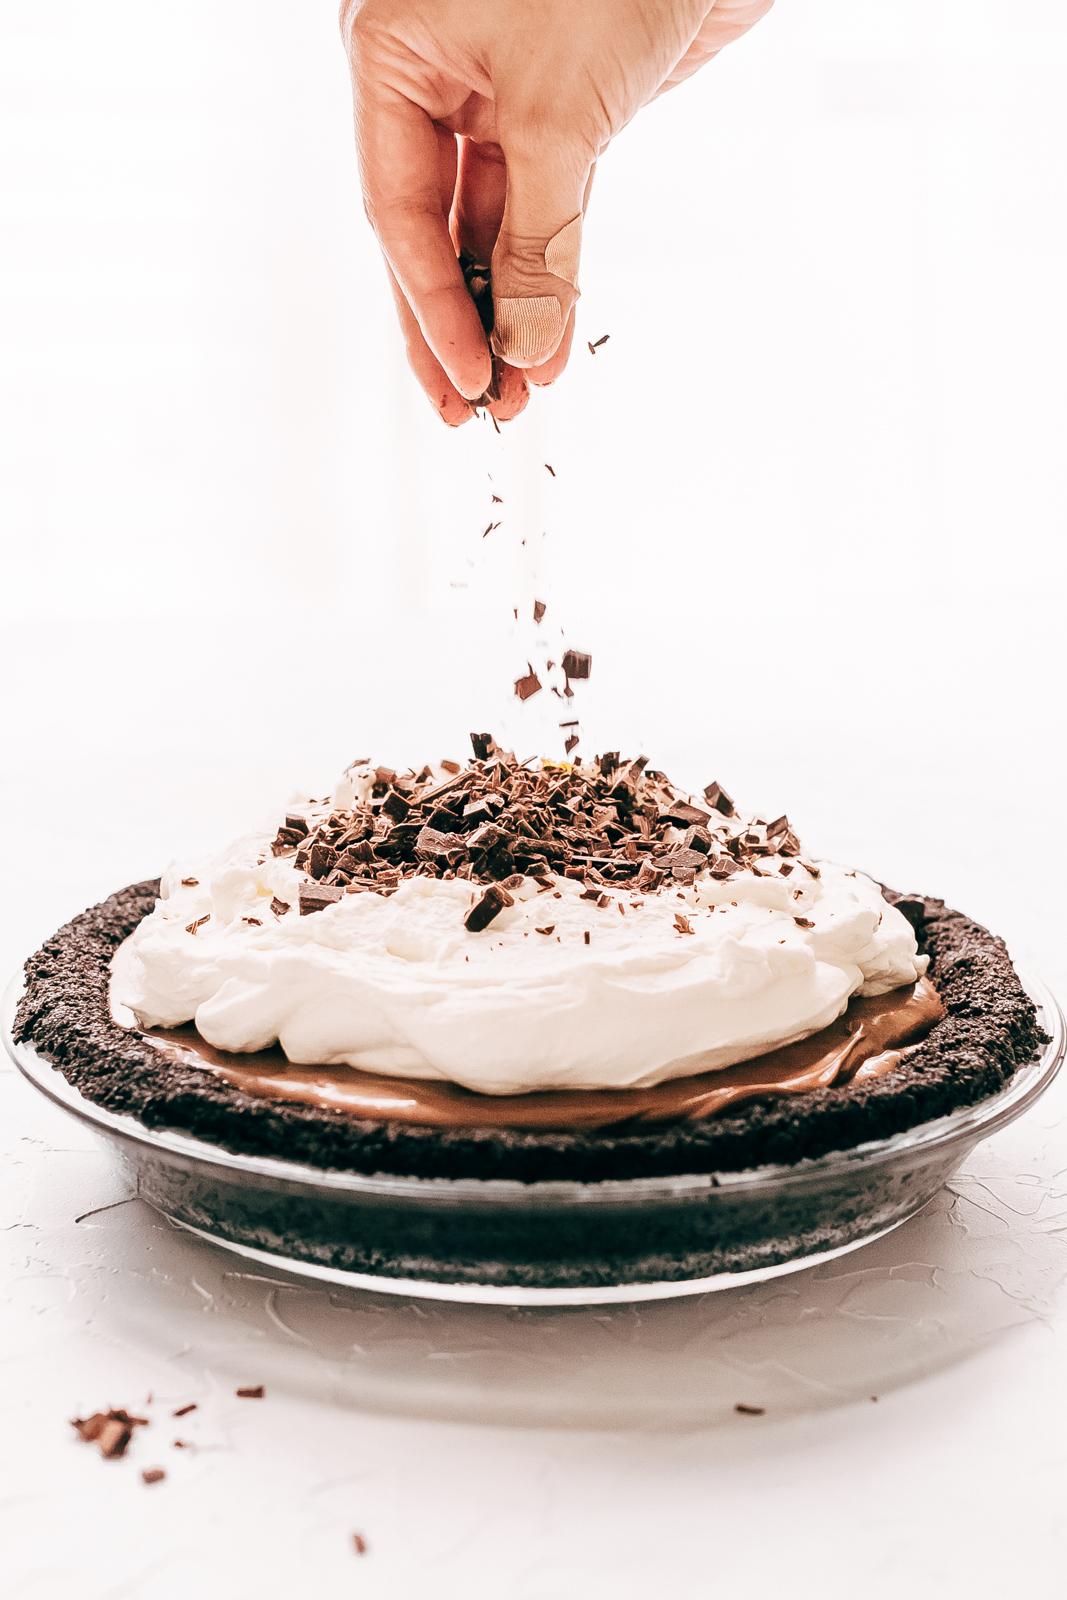 sprinkling chocolate shavings on Nutella Pie